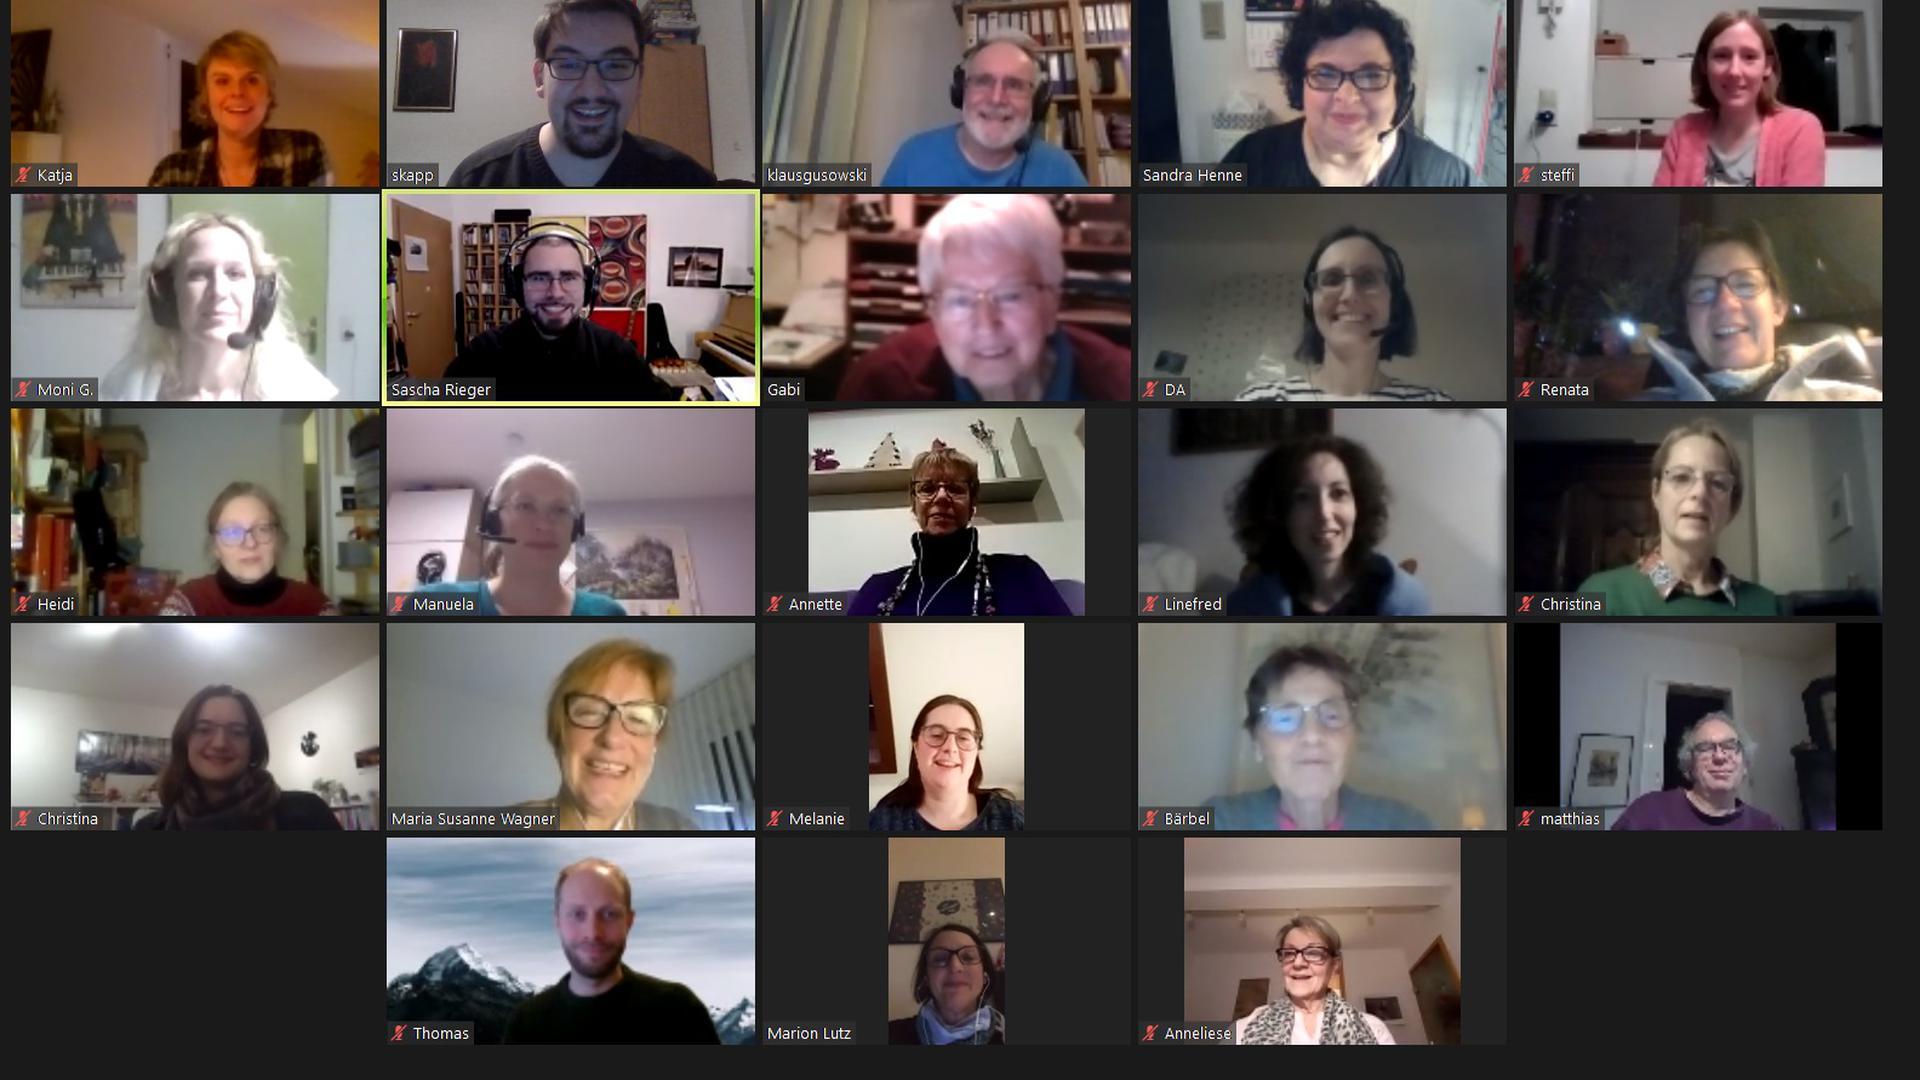 23 Gesichter schauen in einer Liveschalte durch 23 kleine Kästchen auf einem Bildschirm